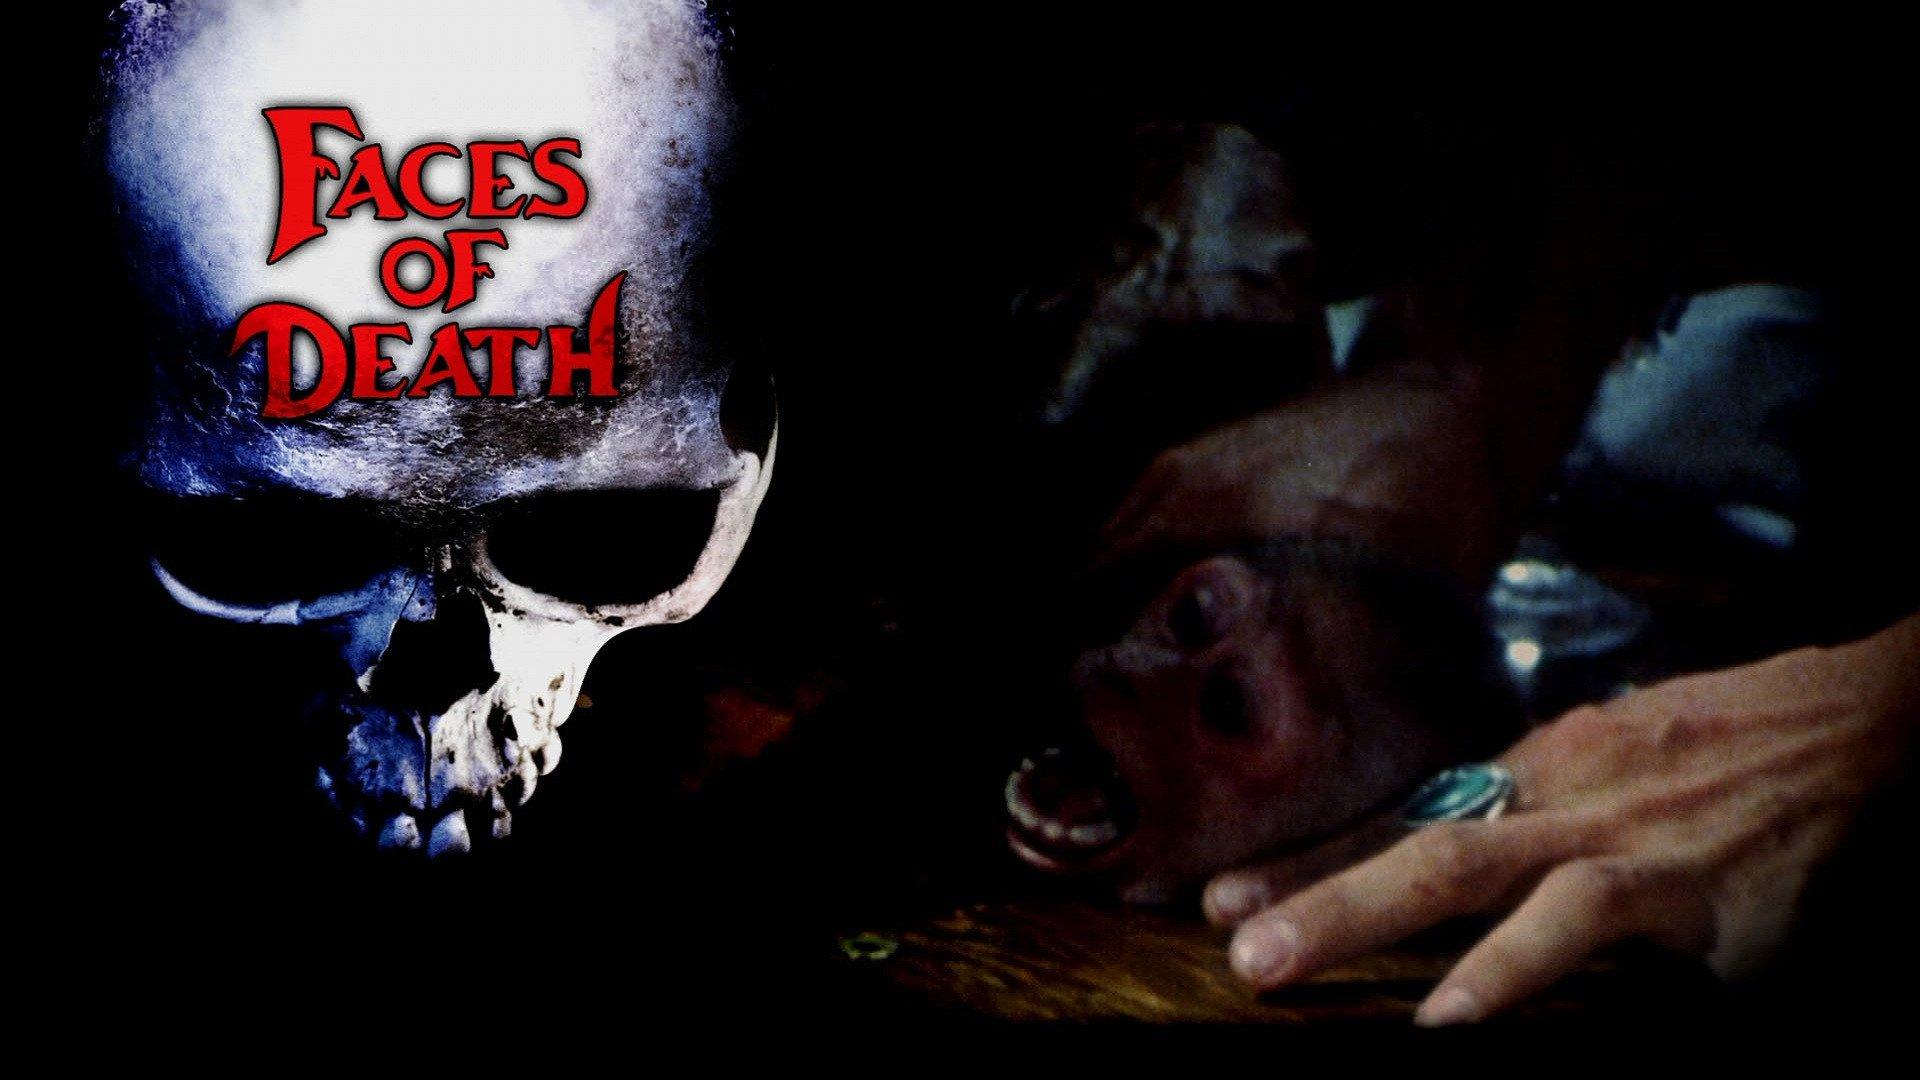 Le facce della morte